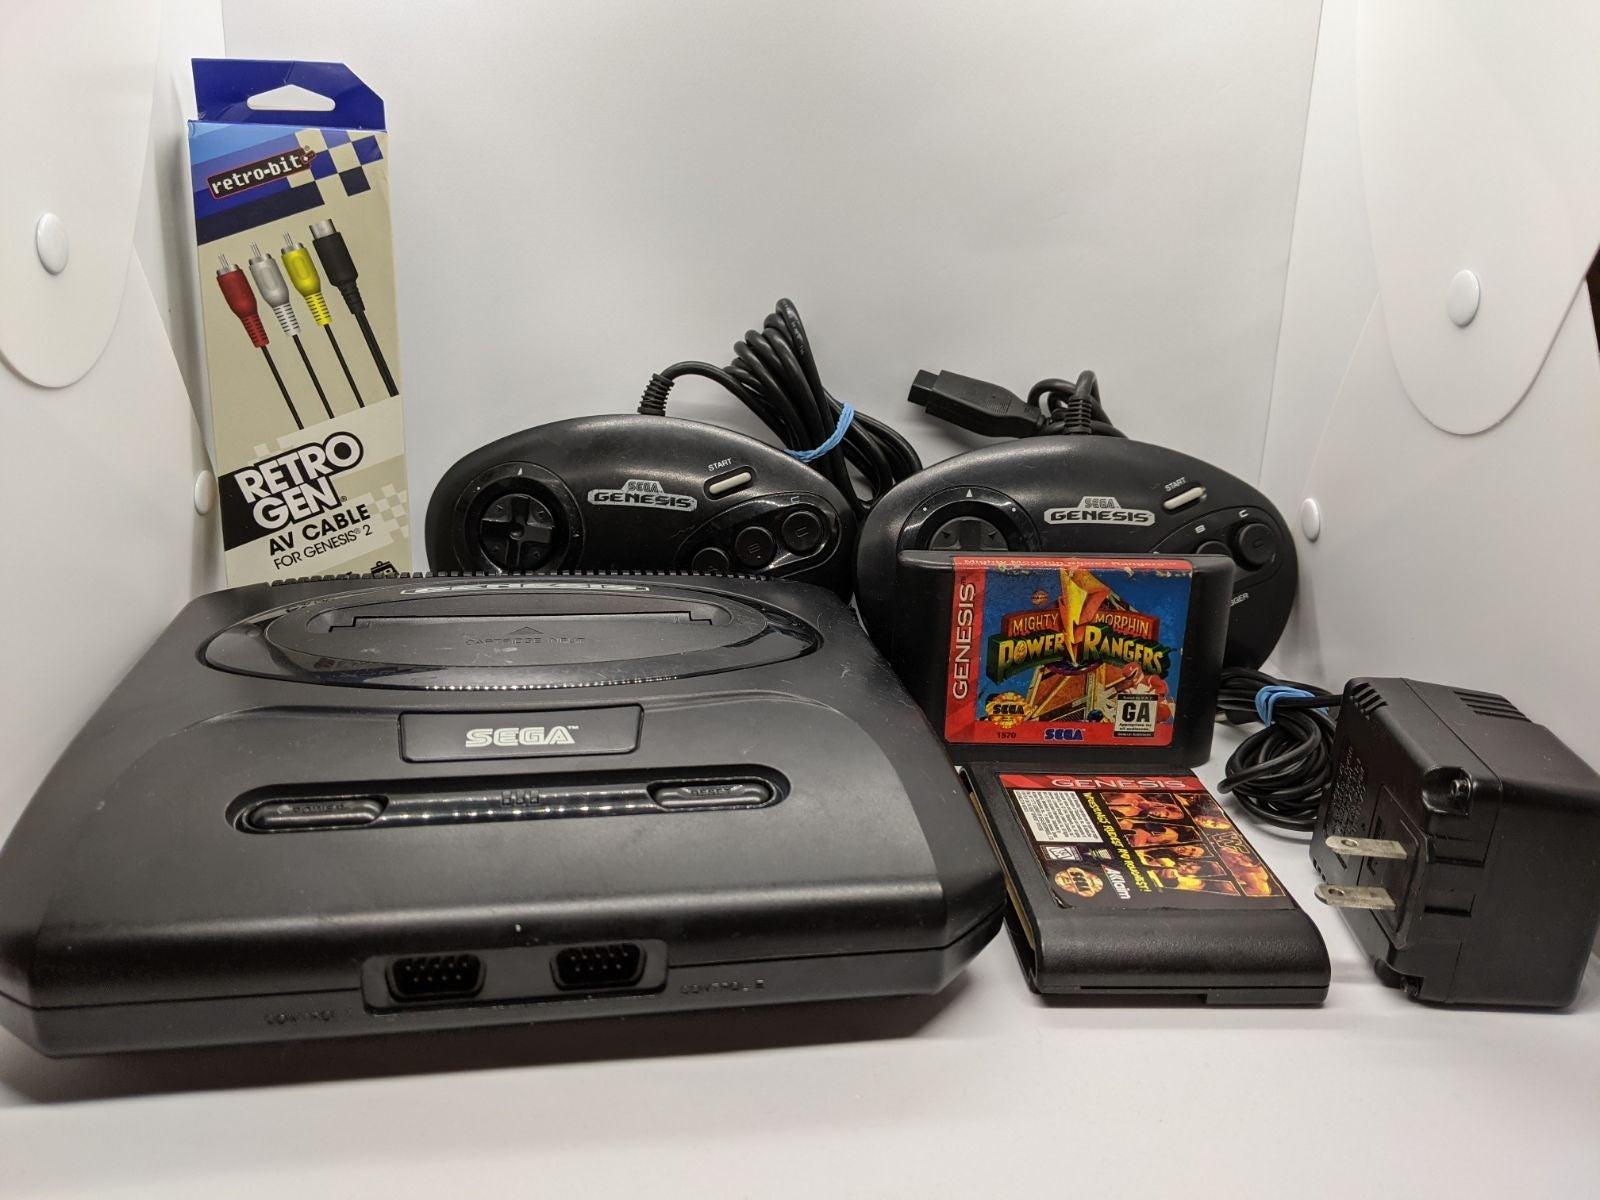 Sega Genesis 2 + cords controllers games